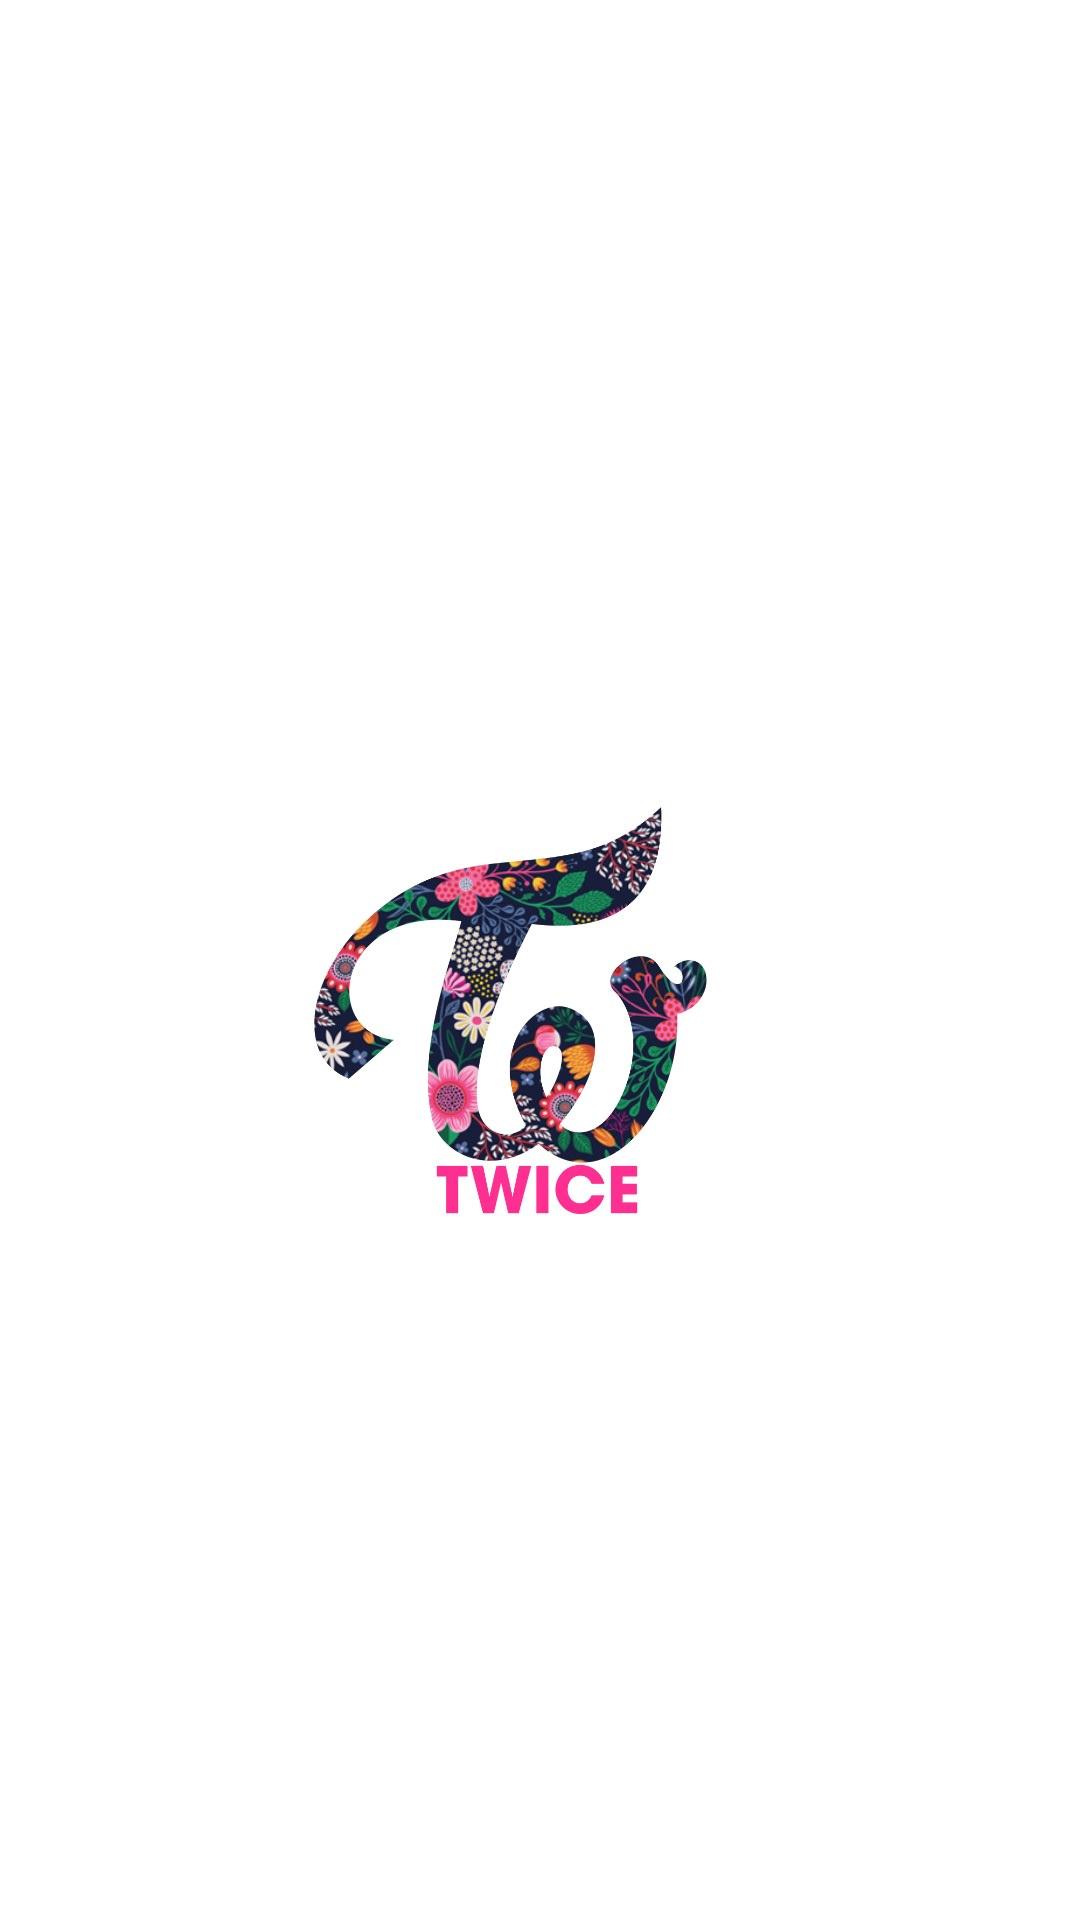 twicelogo09 - [特盛☆スペシャル]TWICE/トゥワイスの高画質スマホ壁紙なんと197枚!! [iPhone&Androidに対応]